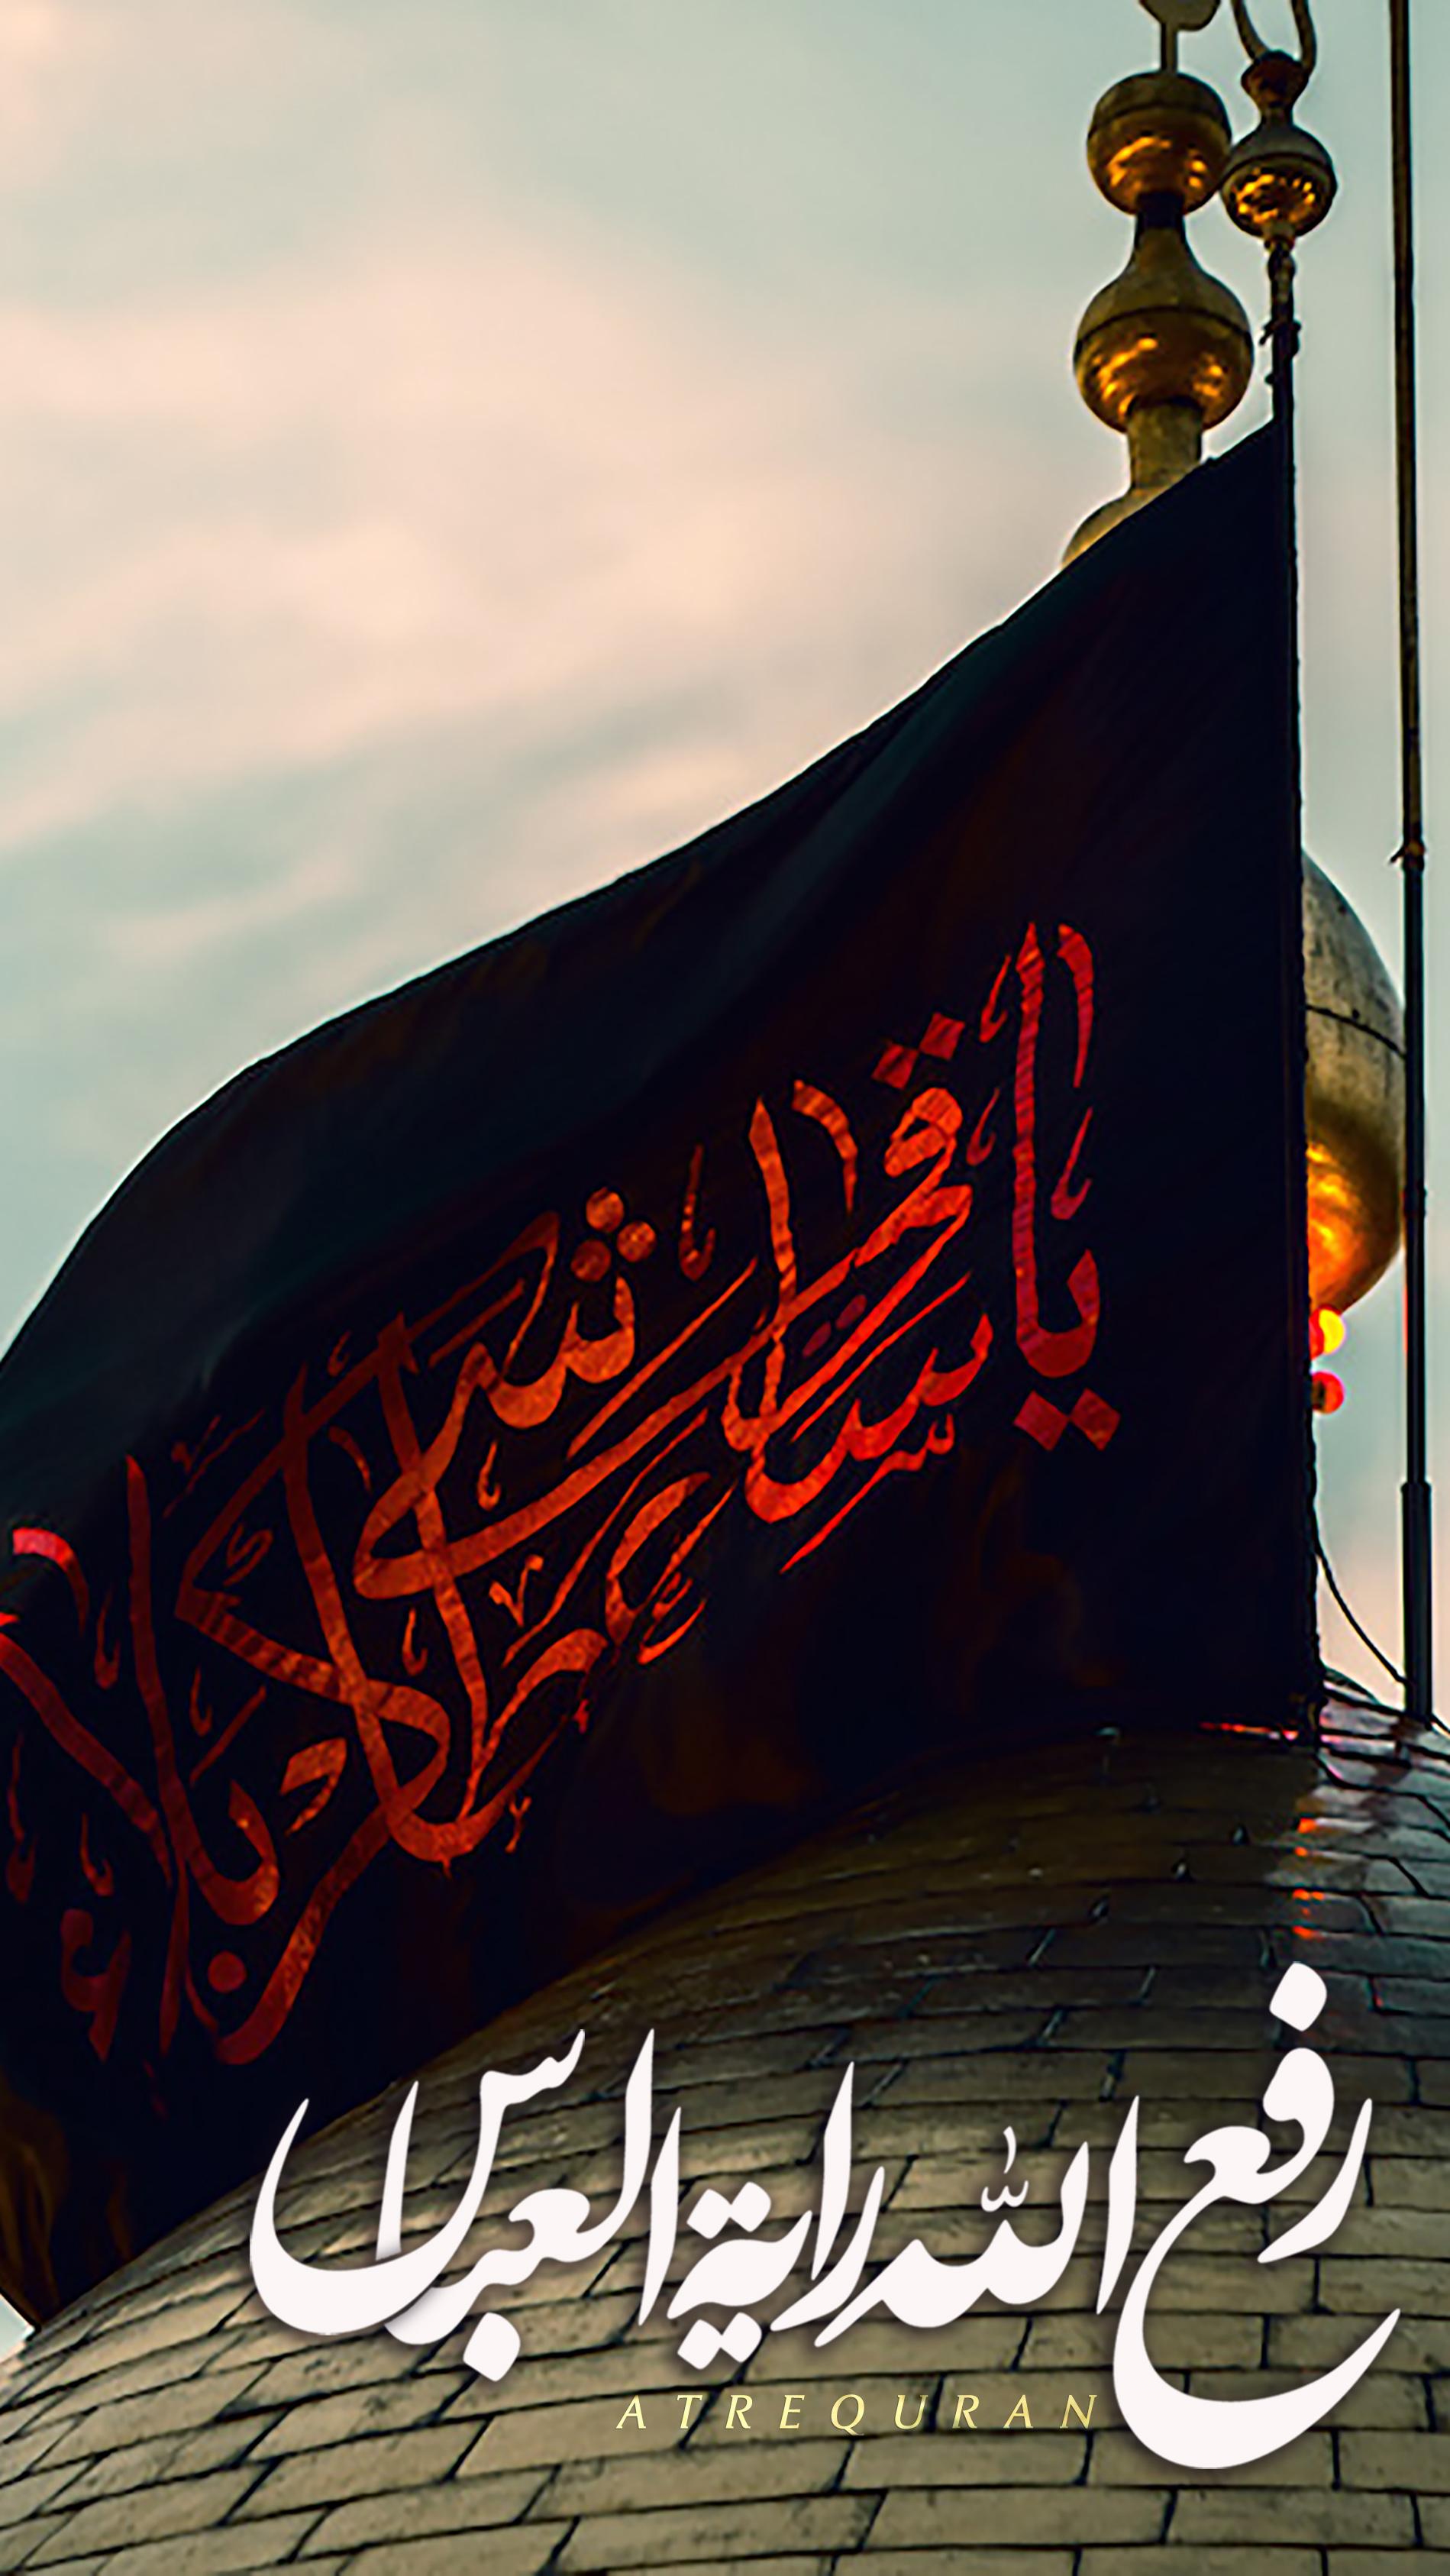 رفع الله رایة العباس(علیه السلام)